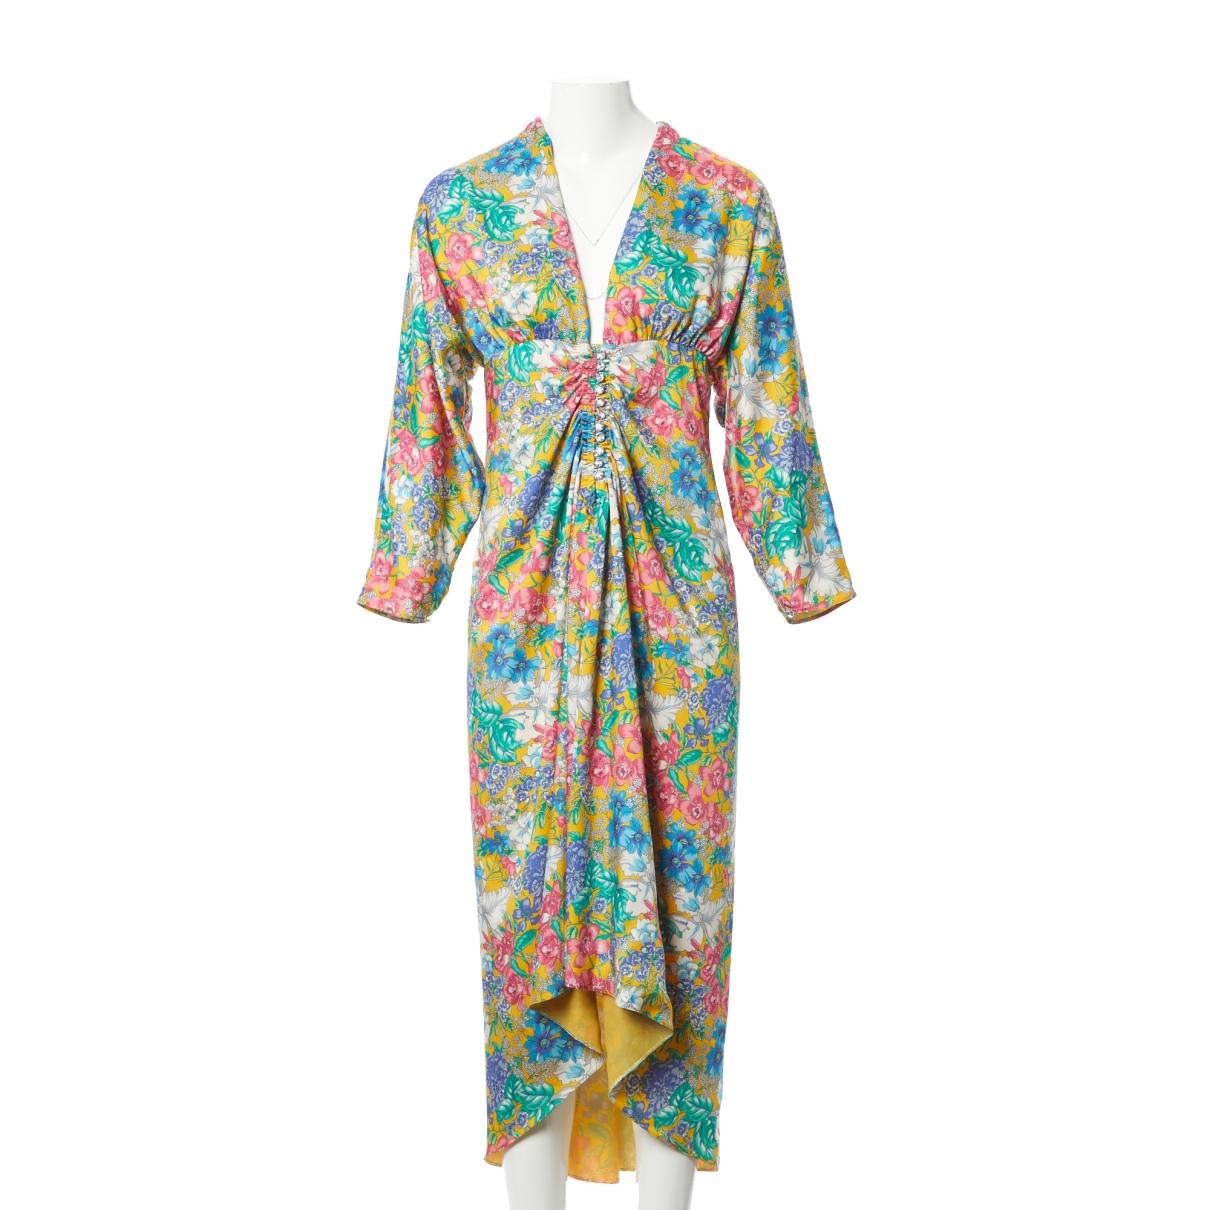 Racil \N Kleid in  Bunt Polyester